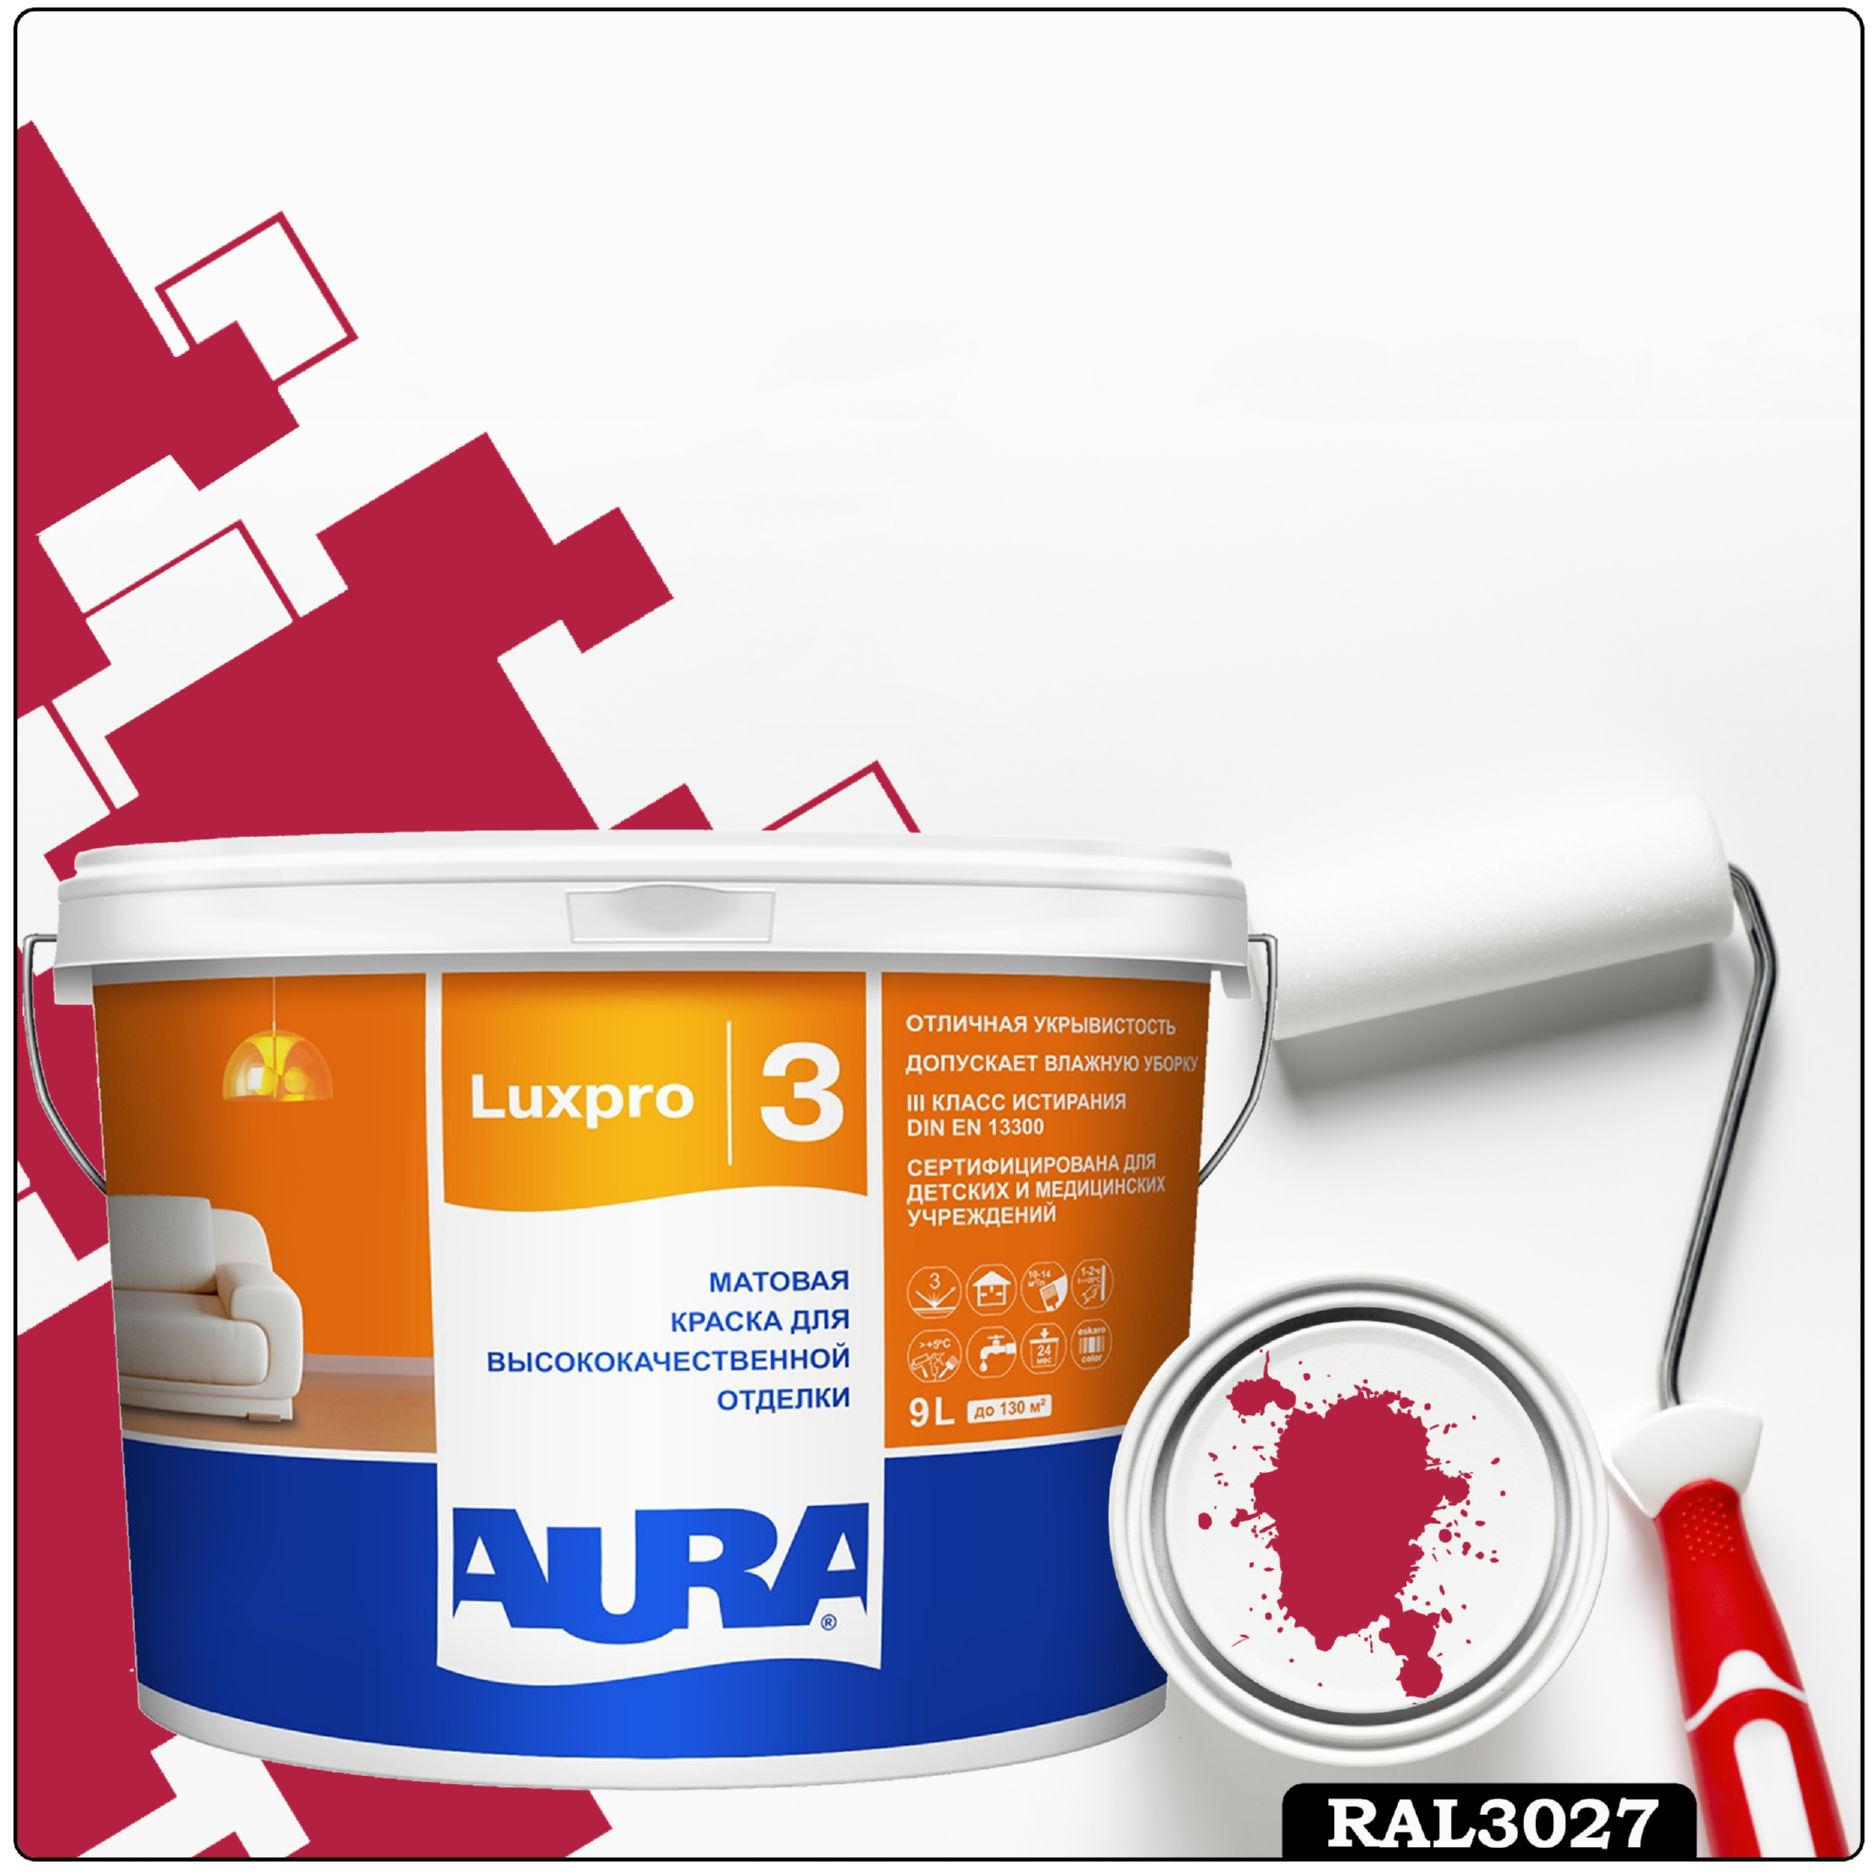 Фото 2 - Краска Aura LuxPRO 3, RAL 3027 Малиново-красный, латексная, шелково-матовая, интерьерная, 9л, Аура.